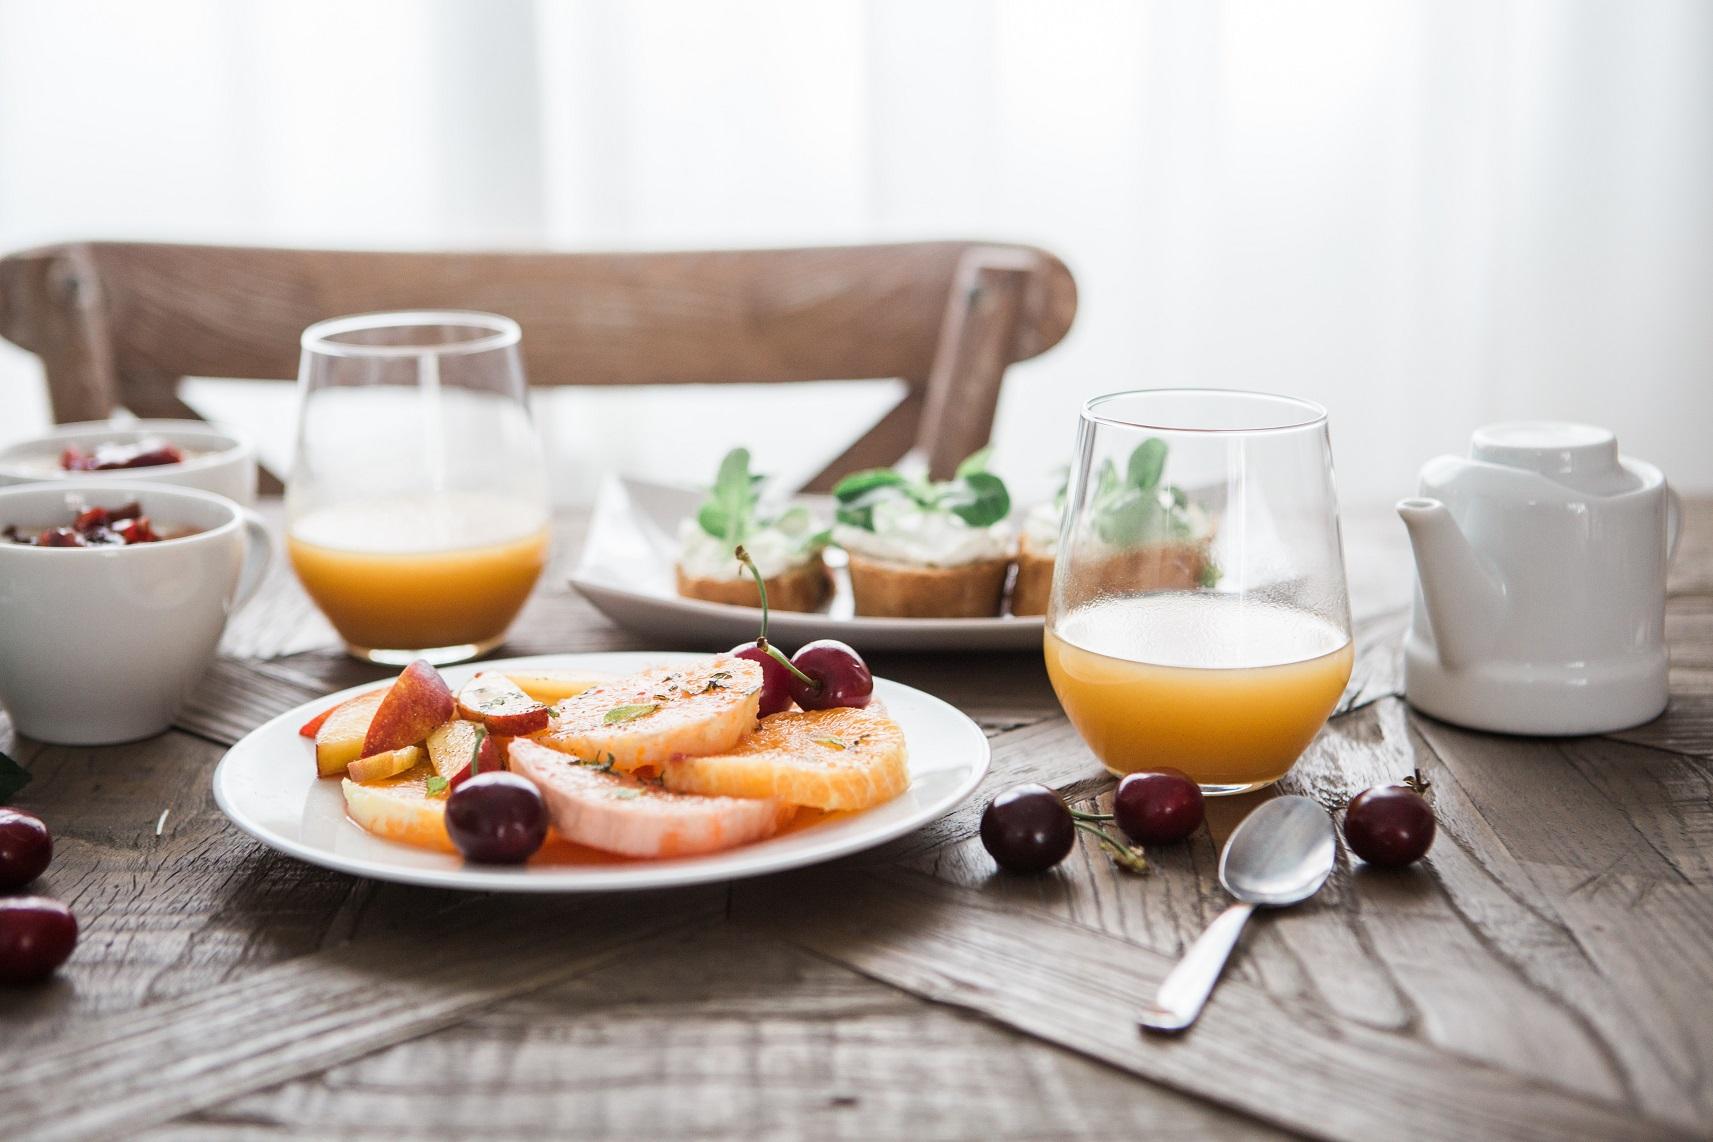 Co jeść na kolacje? Pomysły na lekkie i zdrowe wieczorne posiłki